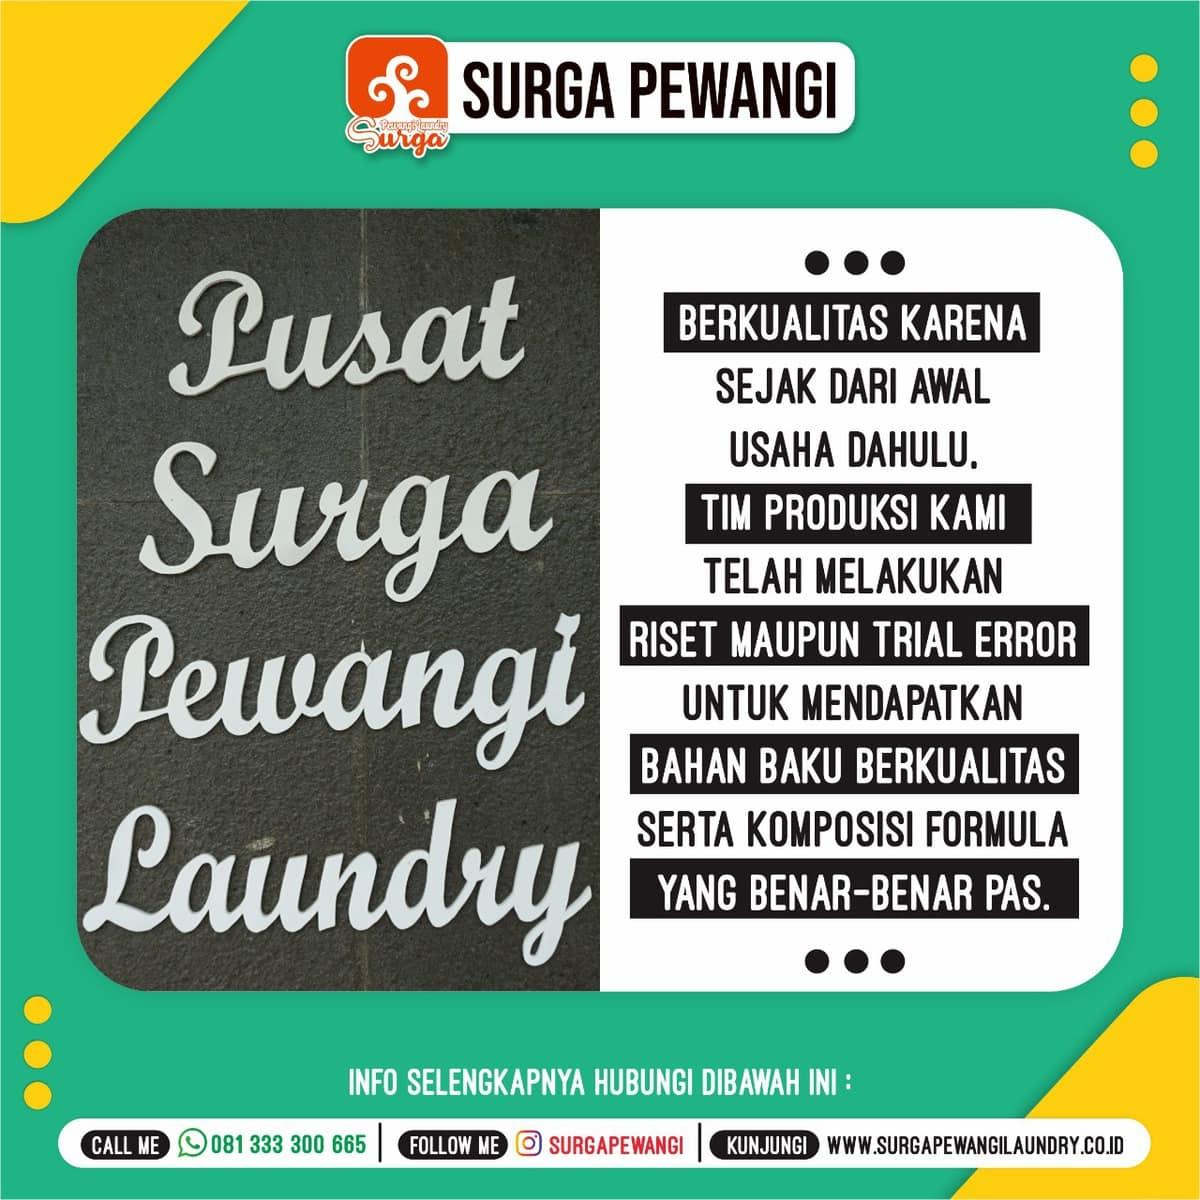 c06c17d1 a36e 4840 ae4e 587bf8f6b67f 2 - Produsen Parfum Laundry Buah Baunya Segar Banget !!